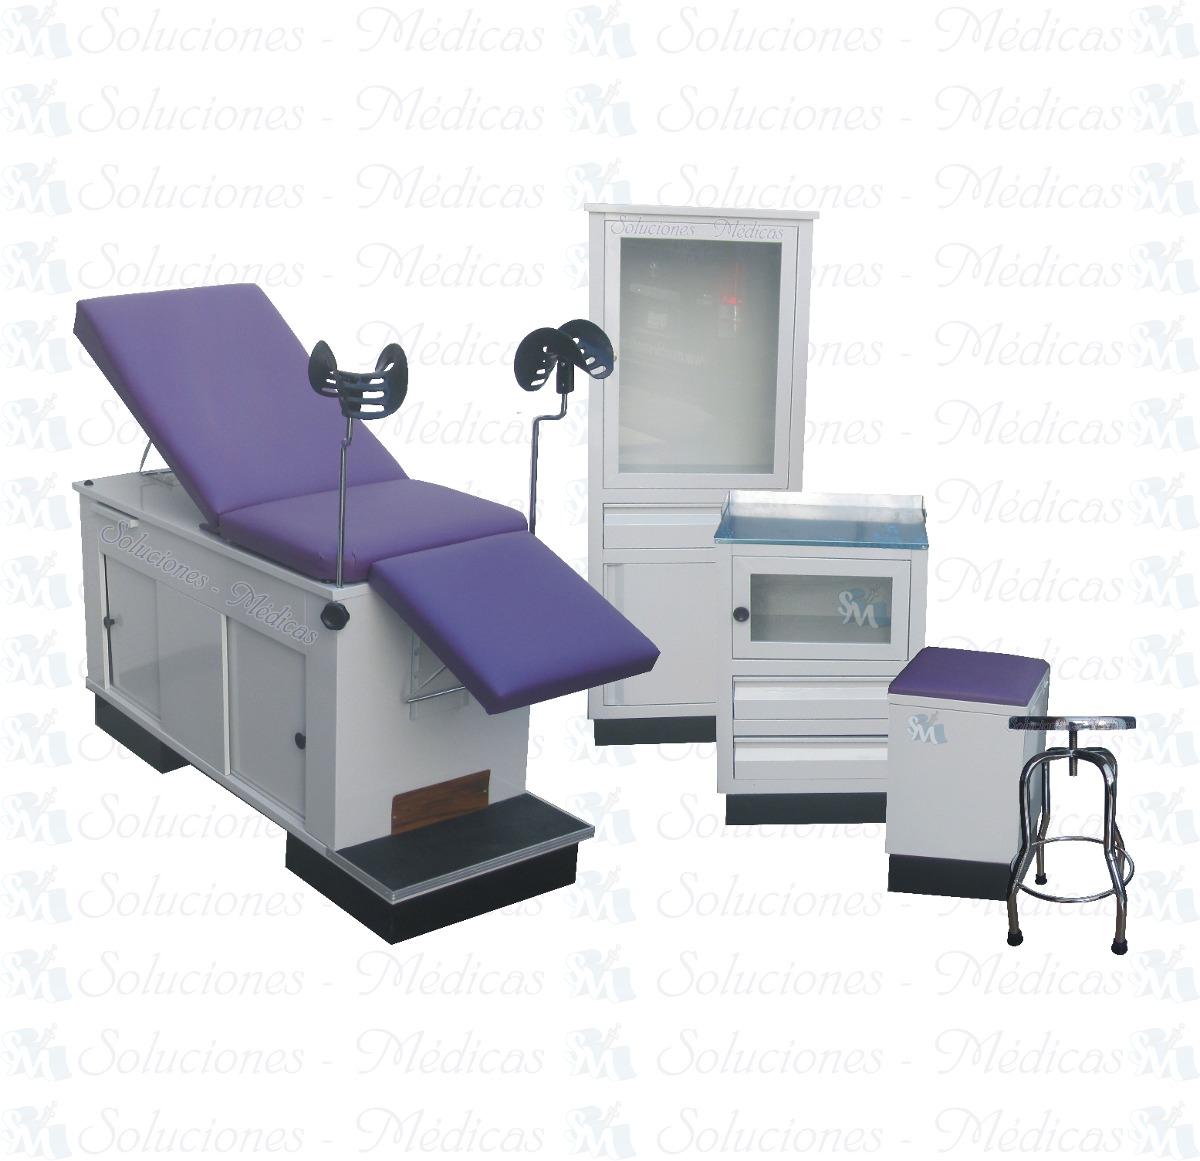 Muebles Medicos Maya - Muebles Para Consultorio 8 526 00 En Mercado Libre[mjhdah]https://http2.mlstatic.com/muebles-para-consultorio-D_NQ_NP_19096-MLM20165196749_092014-F.jpg